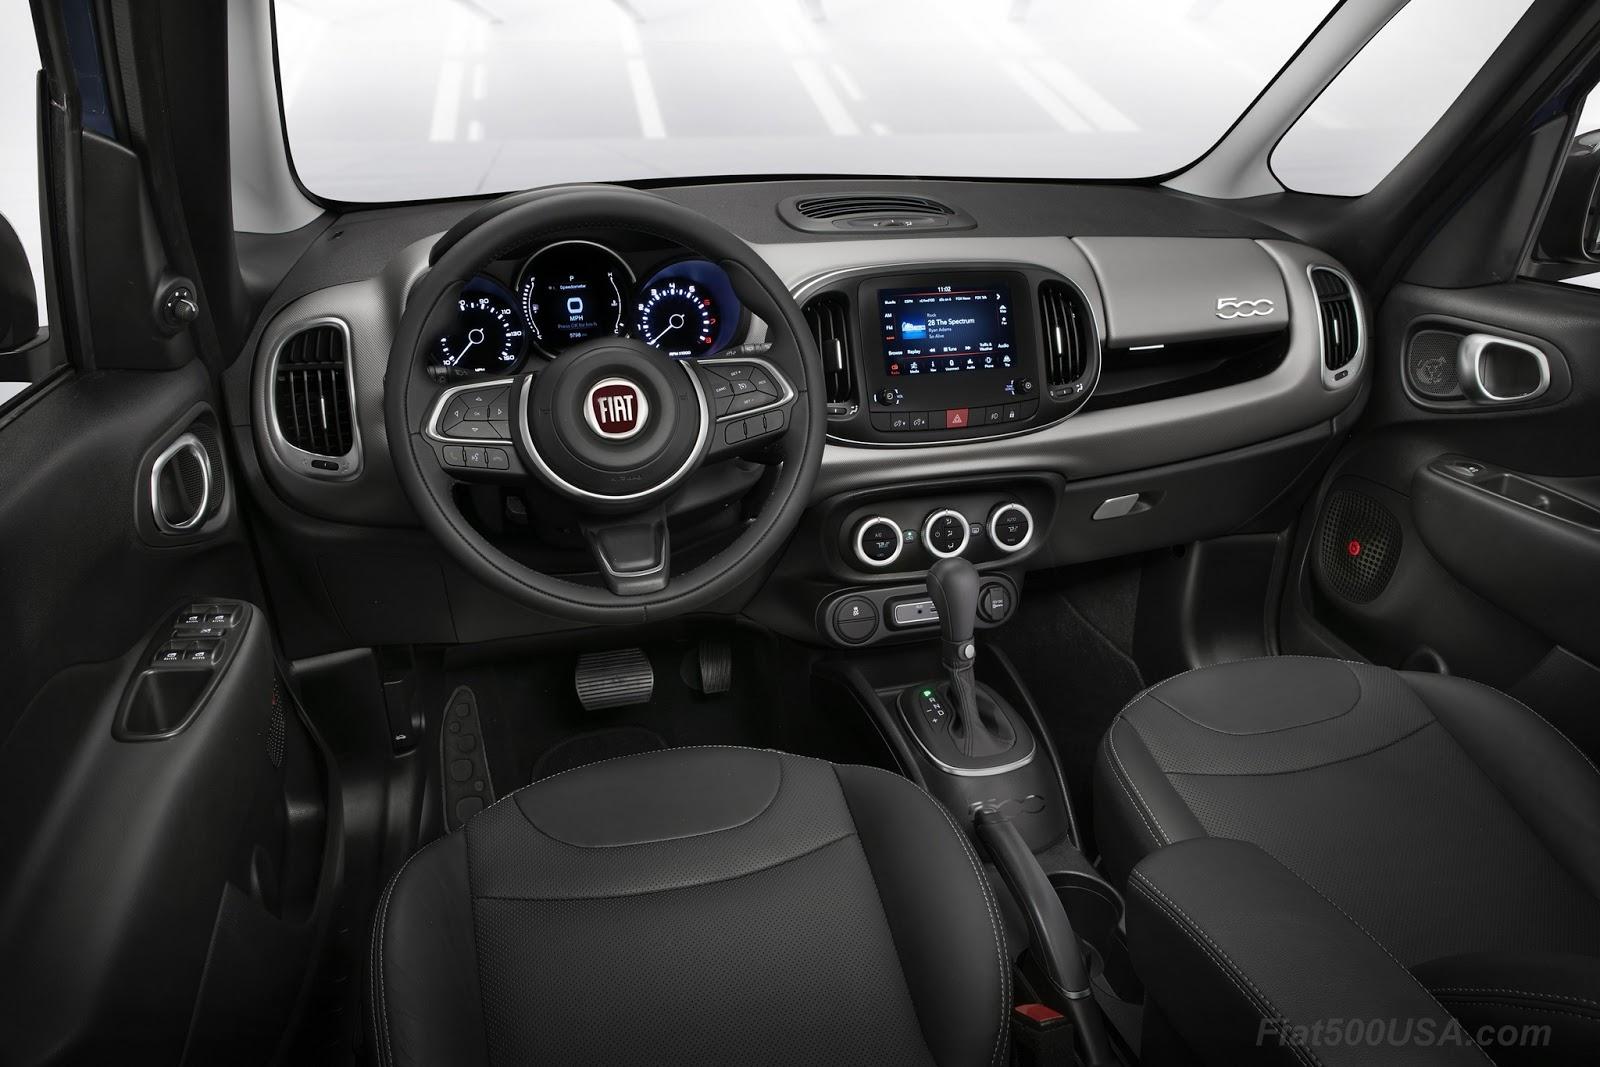 fiat 500l interior rear. 2018 fiat 500l interior changes 500l rear s